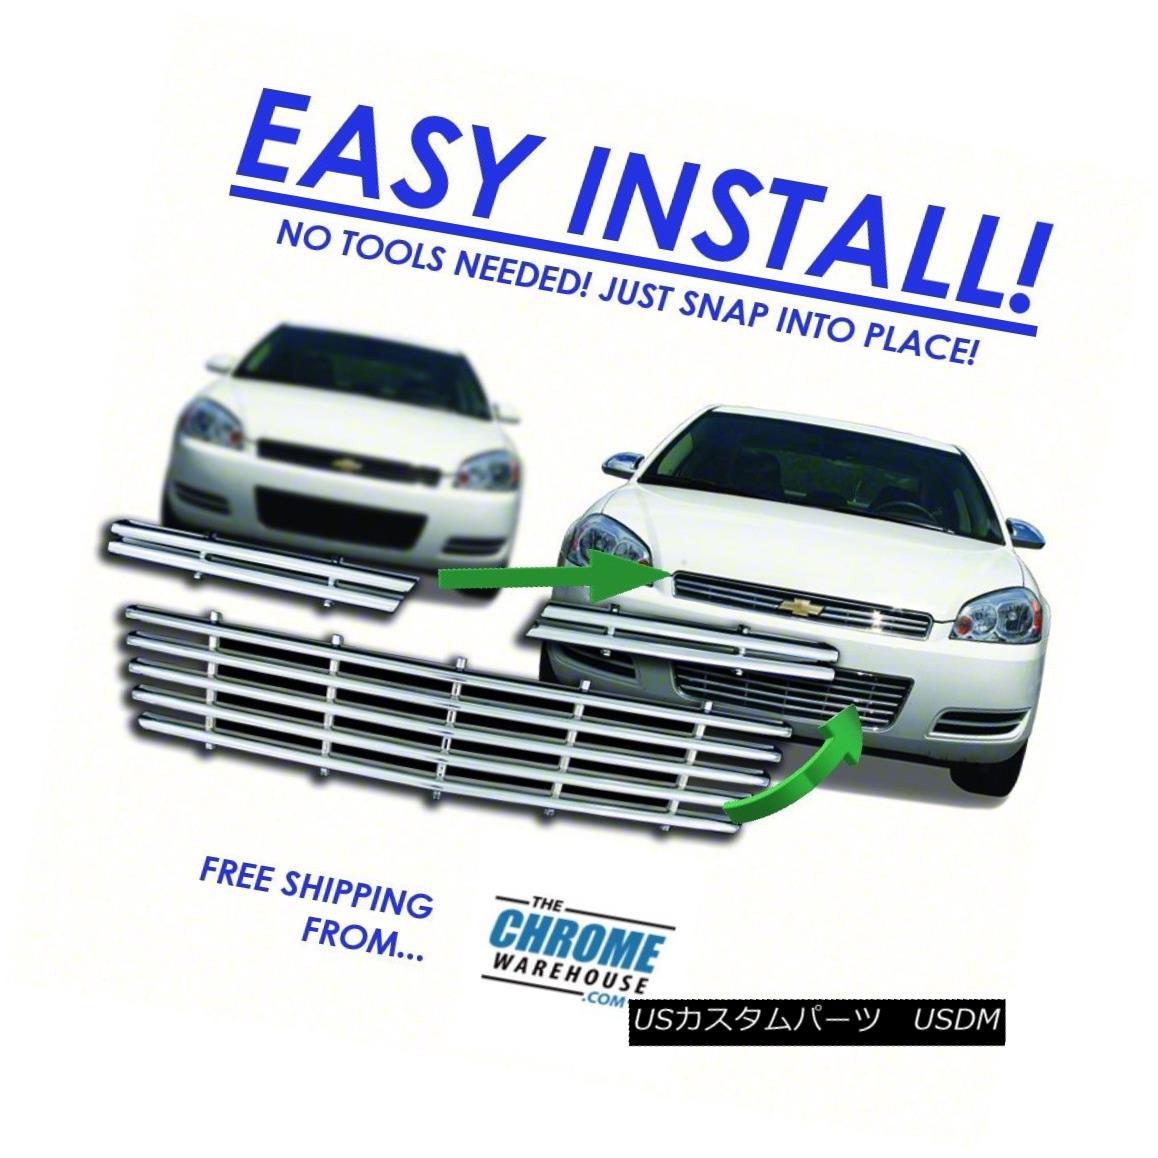 グリル For 06-11 Chevy Impala Chrome Grille Overlay - IWCGI80 06-11シボレーインパラクロームグリルオーバーレイ - IWCGI80